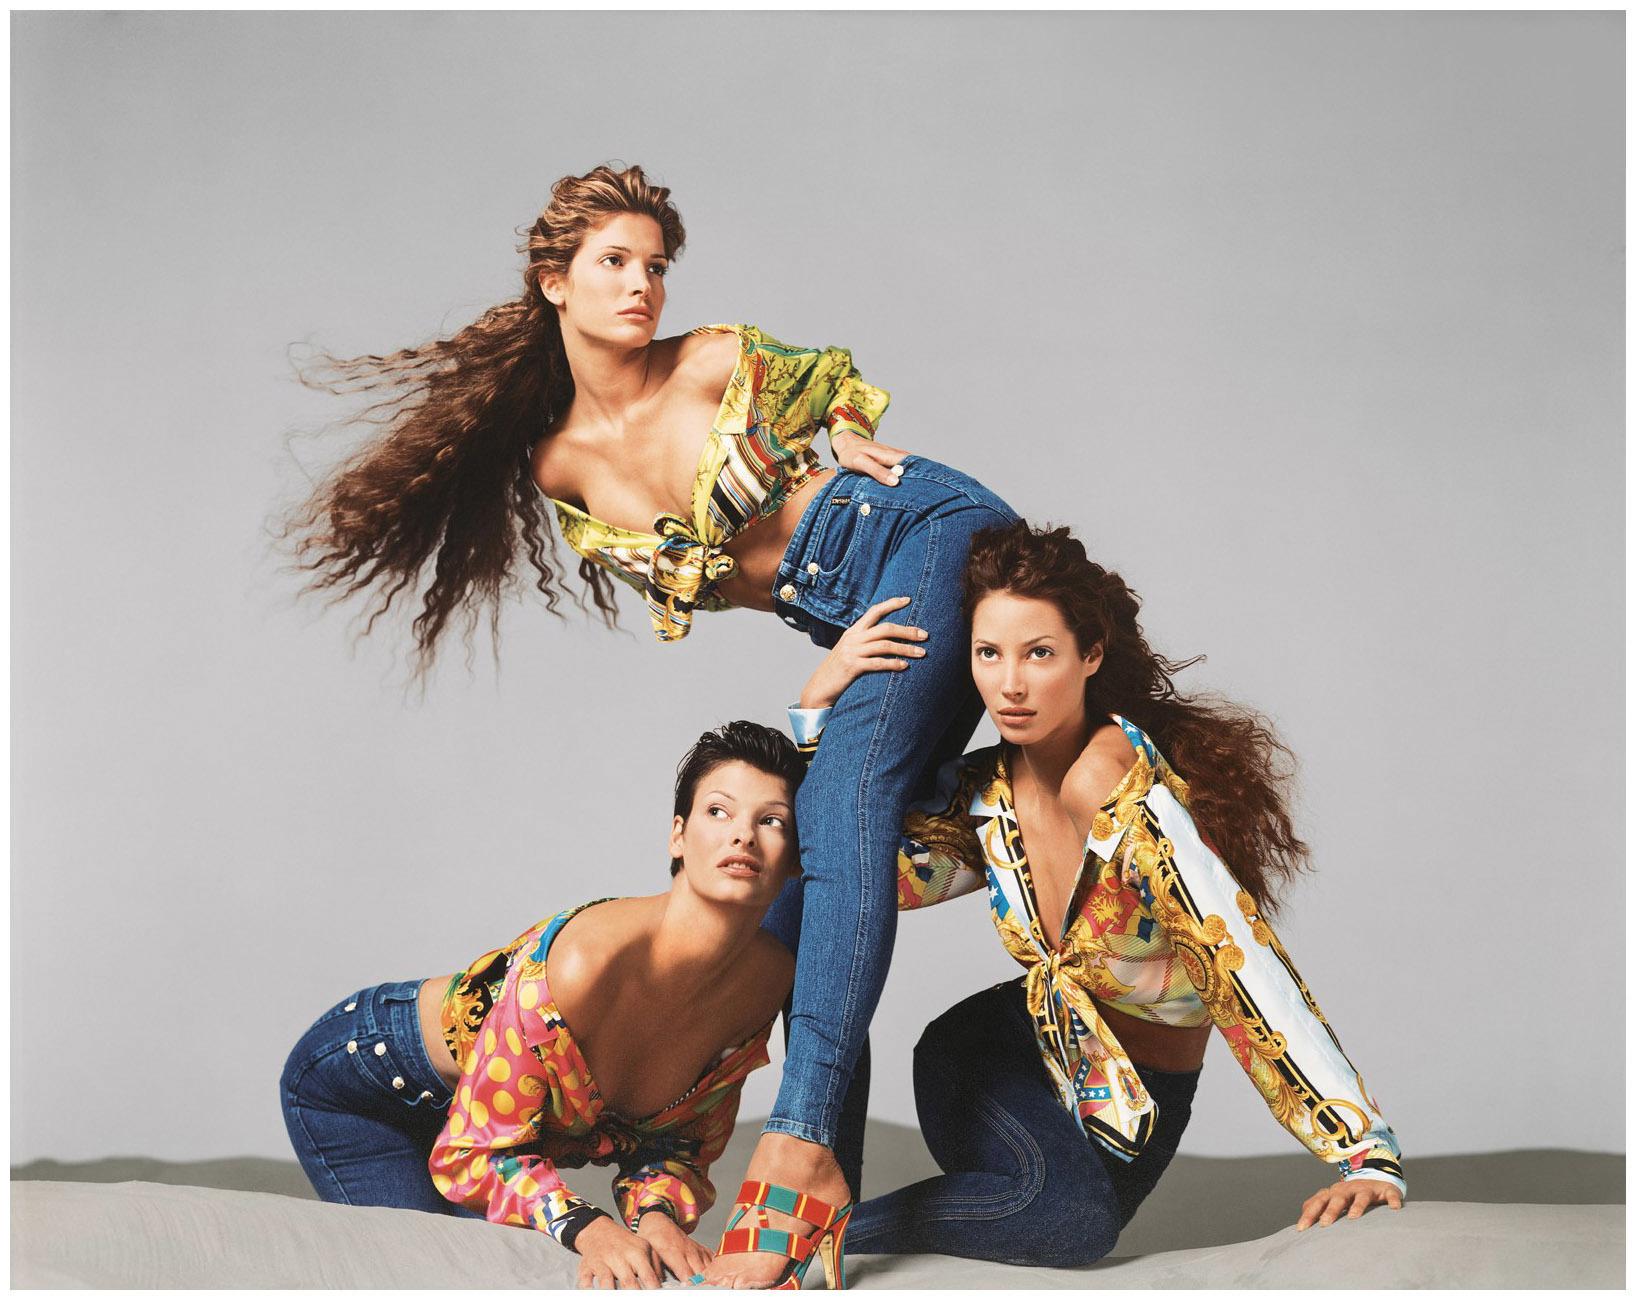 cómo gianni versace redefinió los pilares de la moda para siempre - i-D